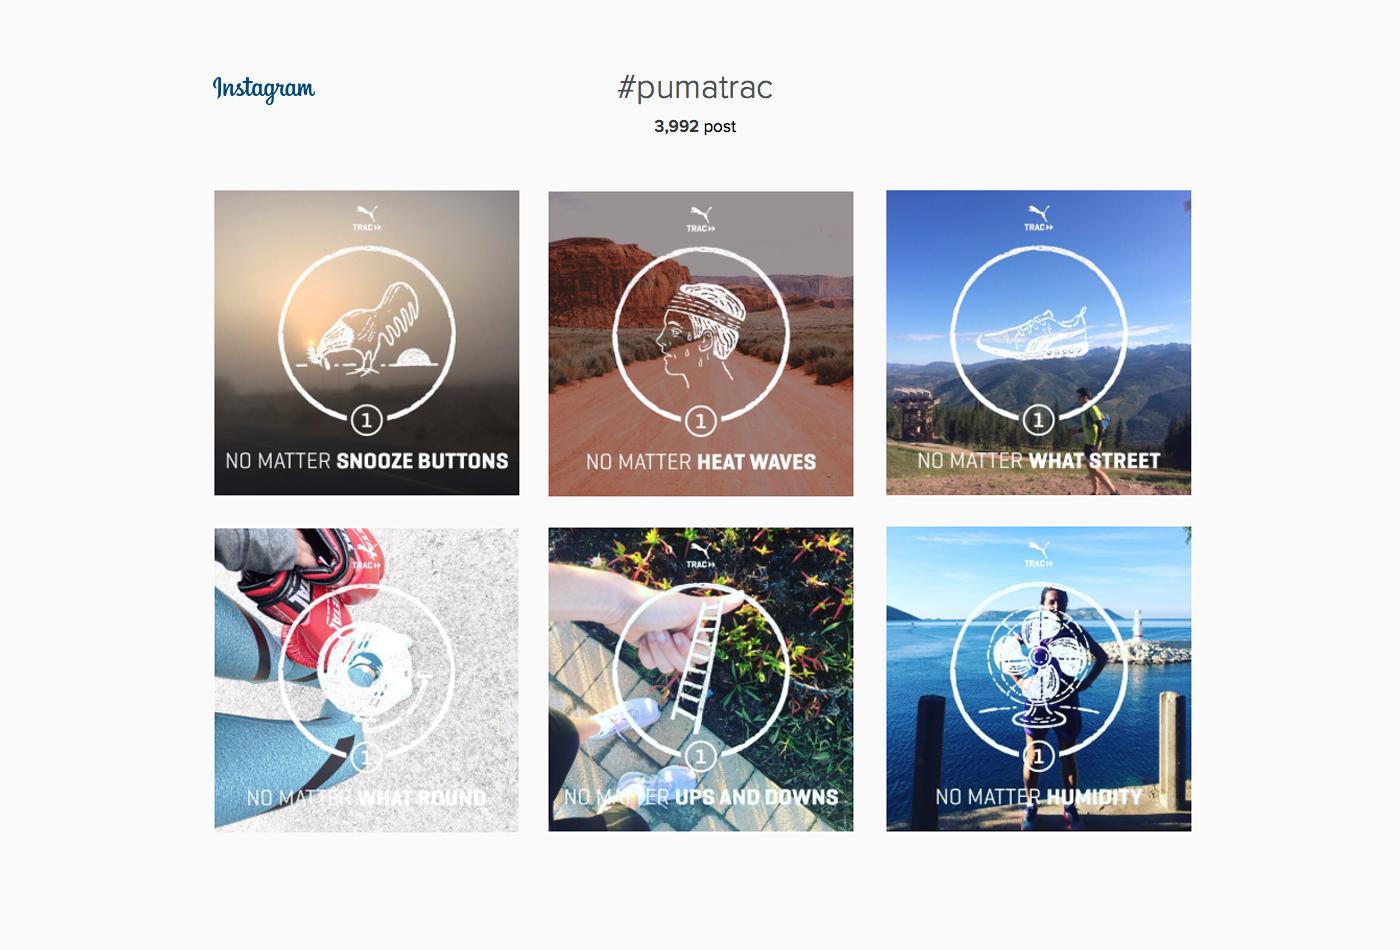 puma-pact-pumatrac-illustration-badges-running-instagram-jwt-ny-vacaliebres-jwtny-instagram